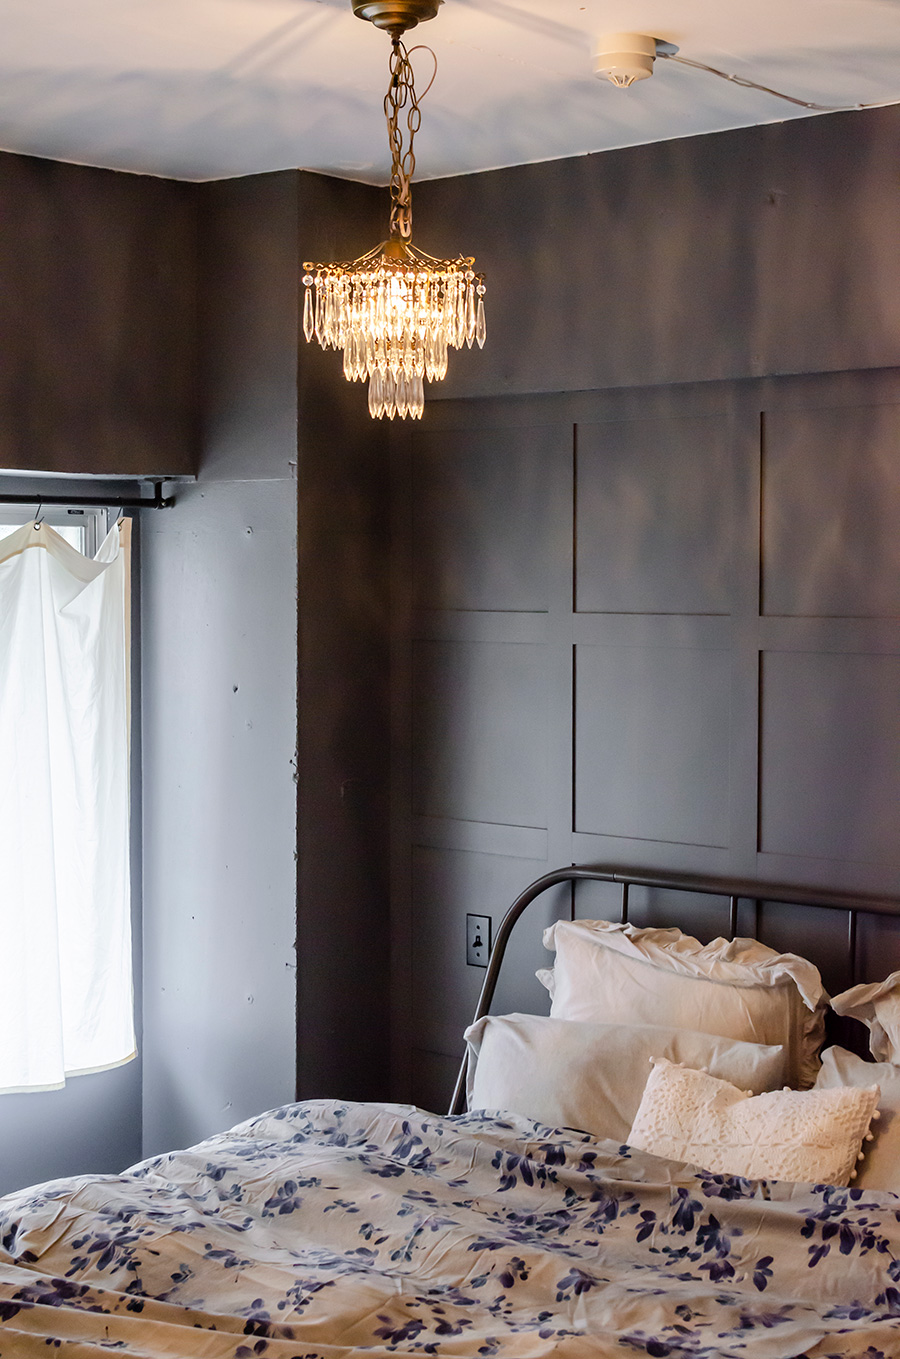 寝具は全て『Zara Home』で揃えた。